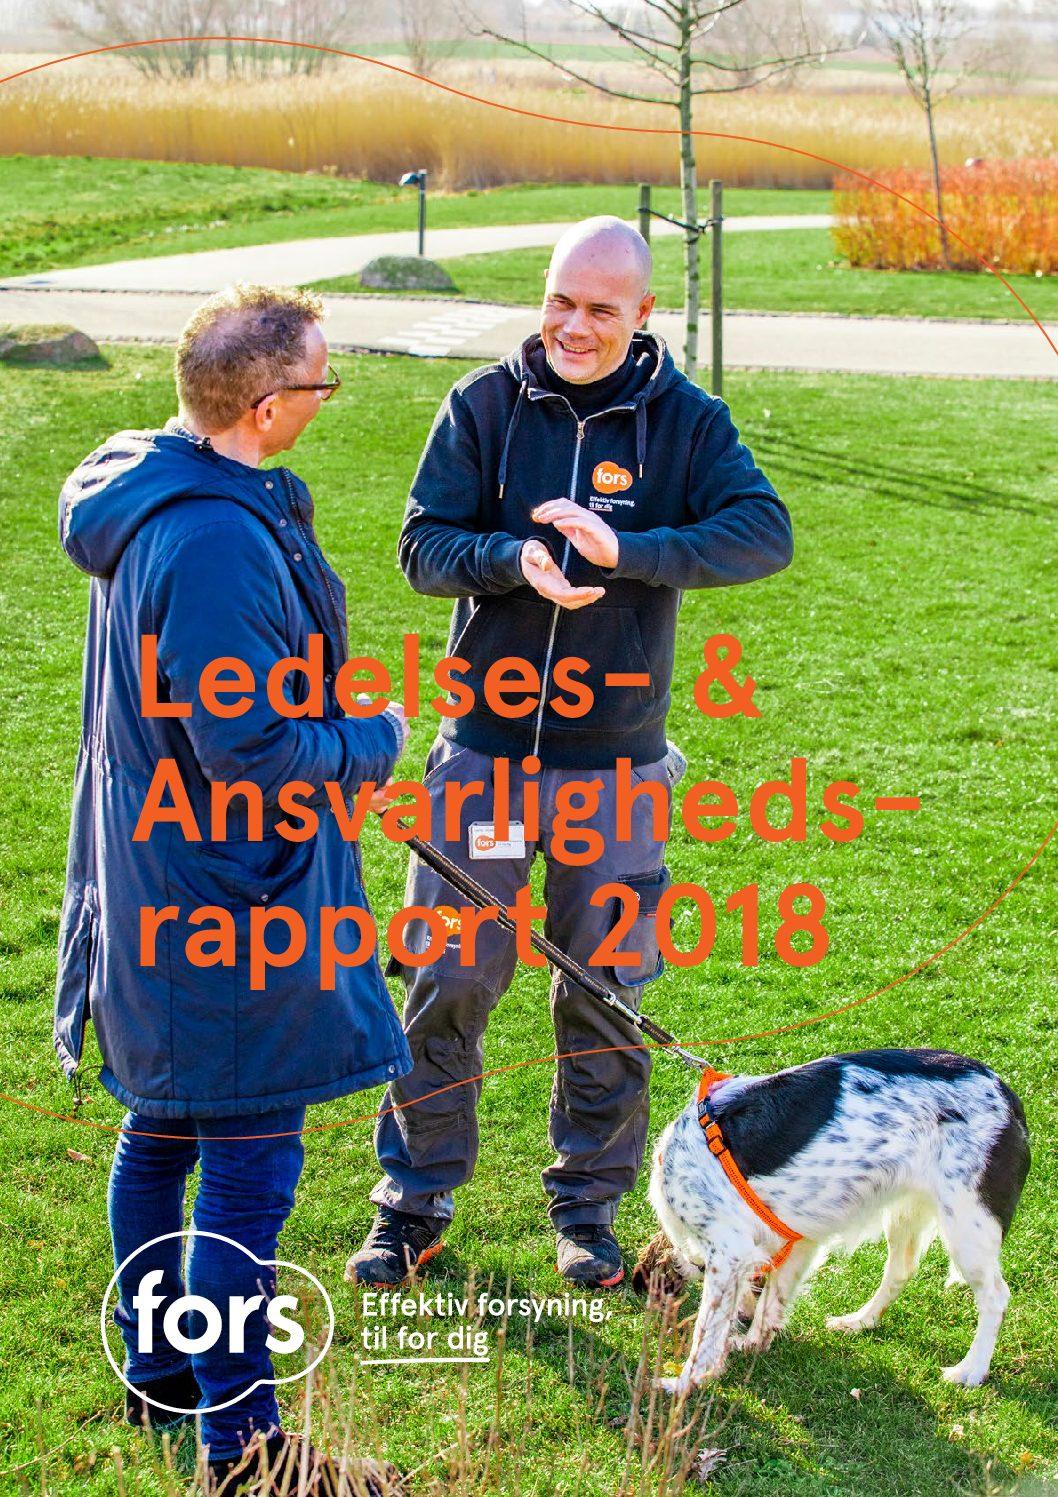 Ledelses- og ansvarlighedsrapport 2018